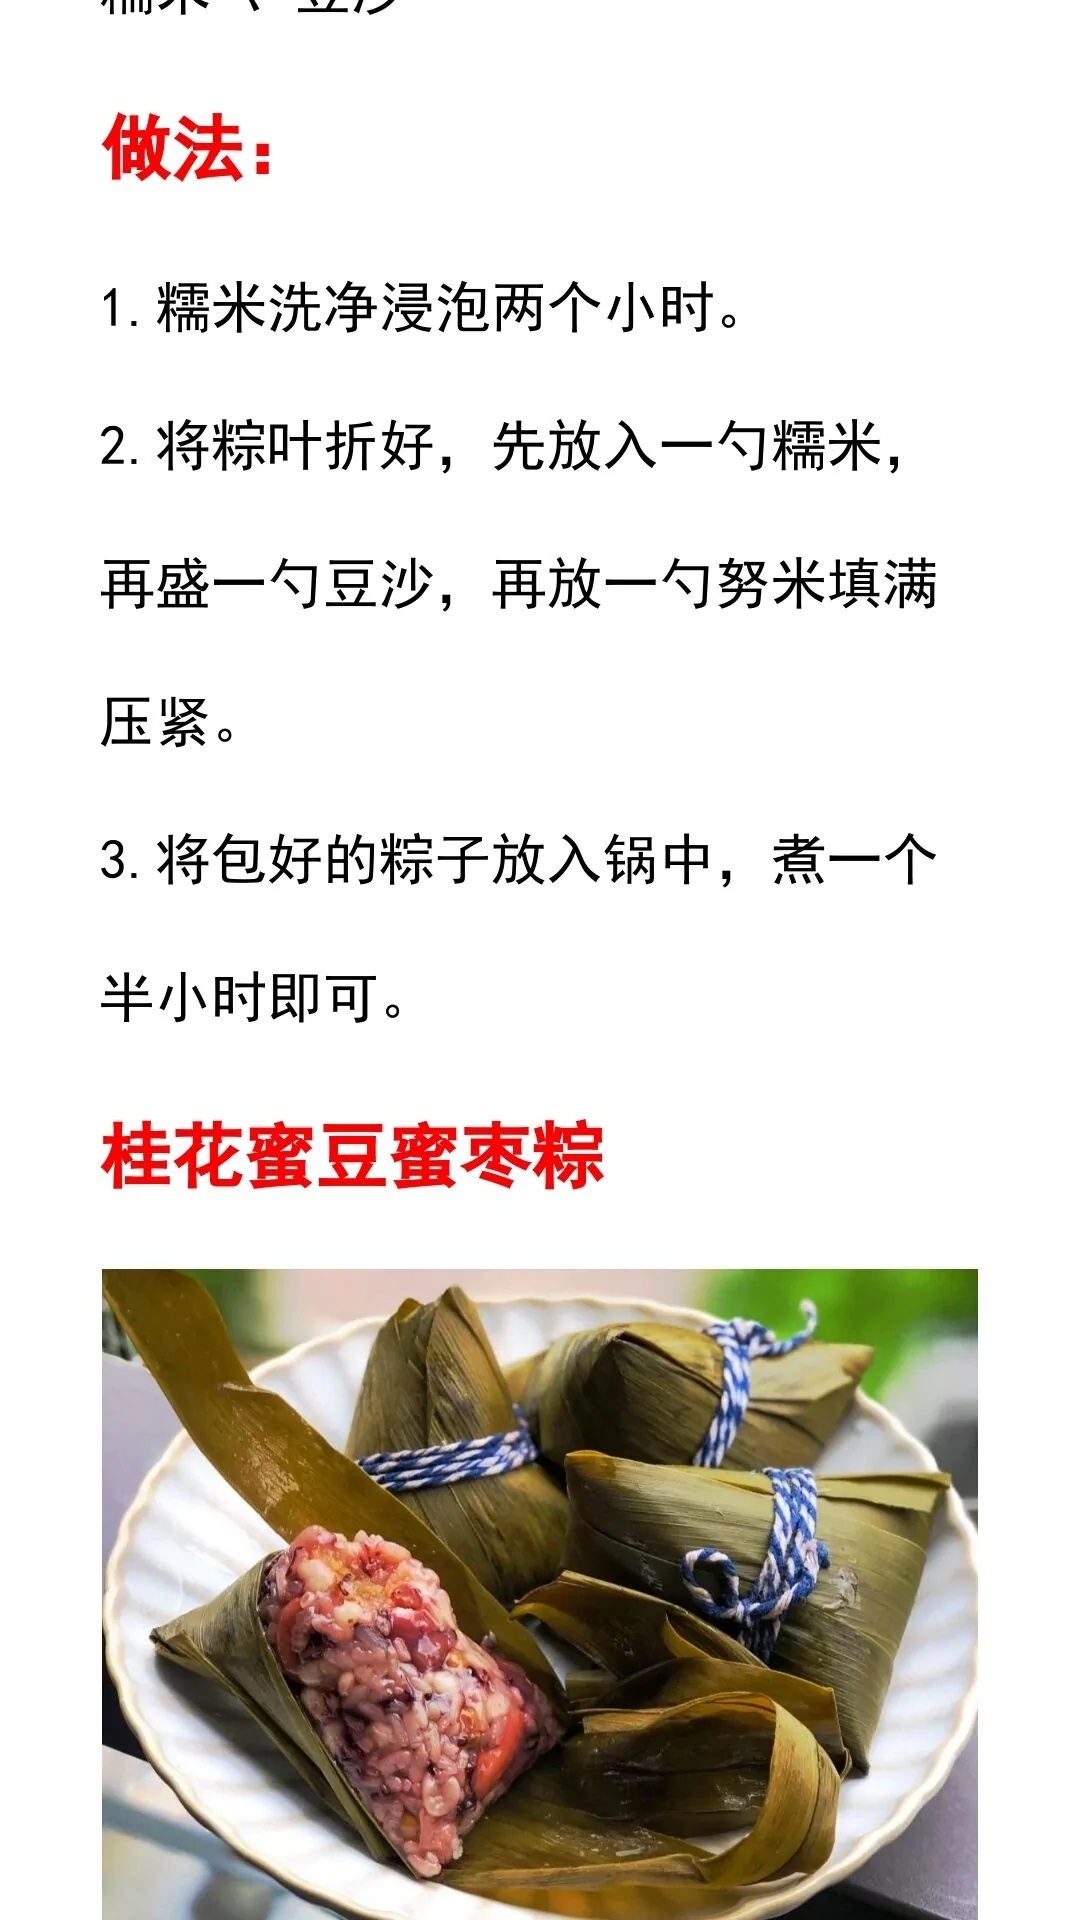 10种粽子的做法及配料!粽子馅种类大全!端午节粽子制作方法教程 美食做法 第9张